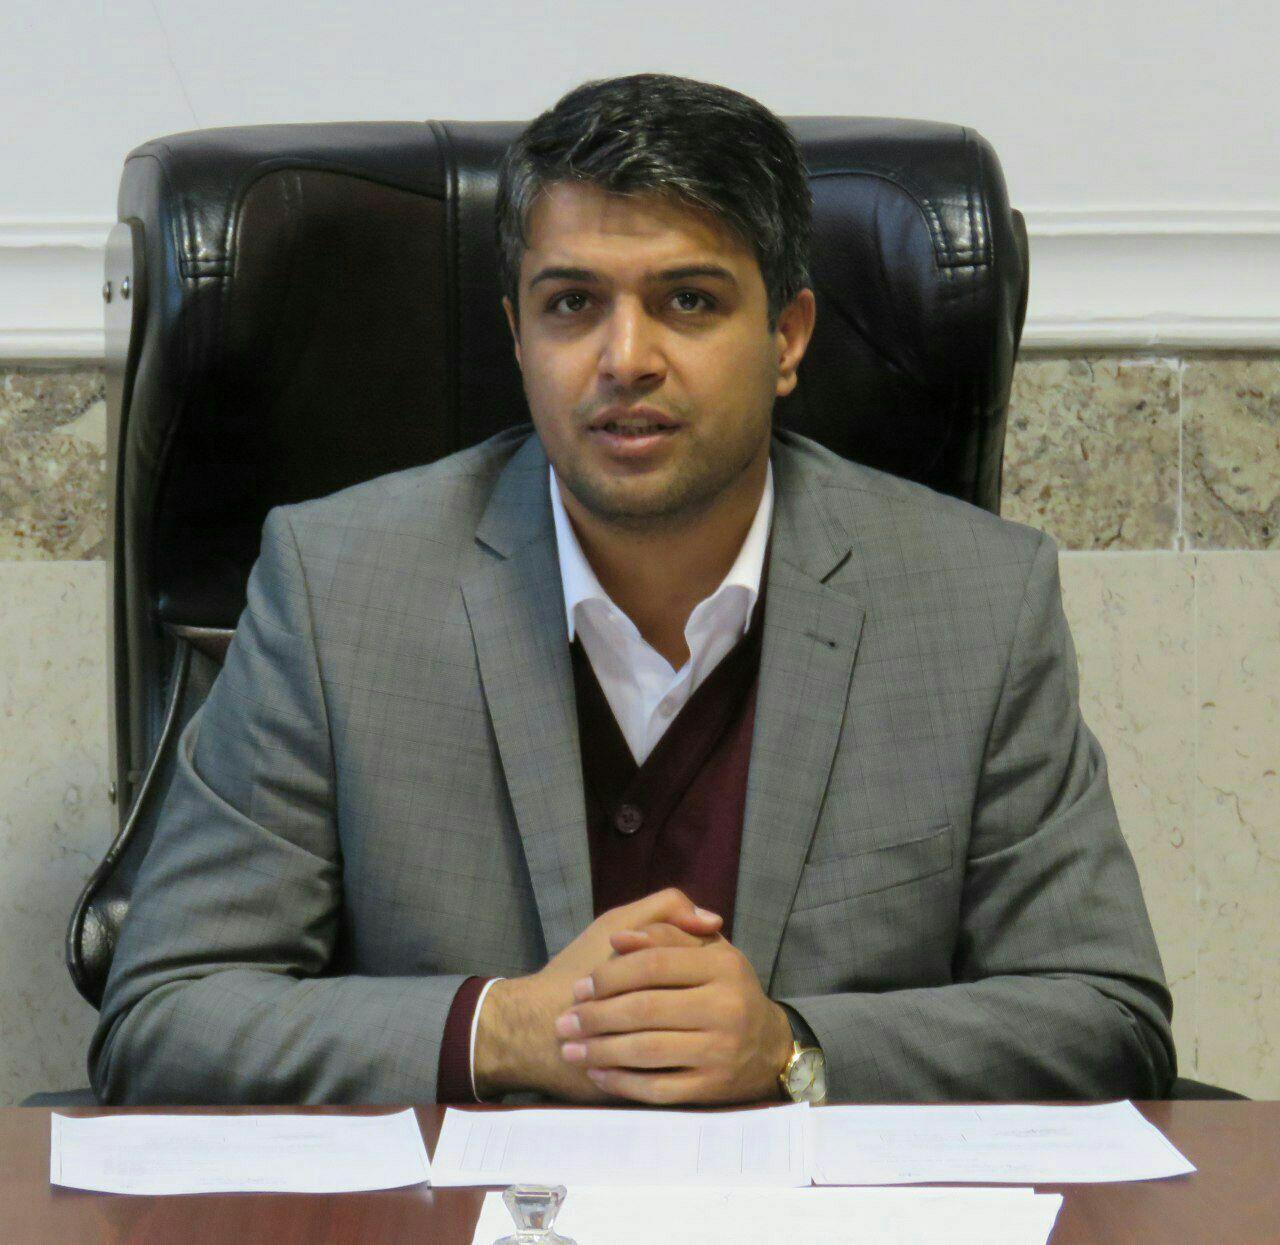 شهردار اسکو : افزایش آگاهی و ارتقای فرهنگ عمومی در مقابله با مخاطرات طبیعی، یکی از اولویتهای آموزش �